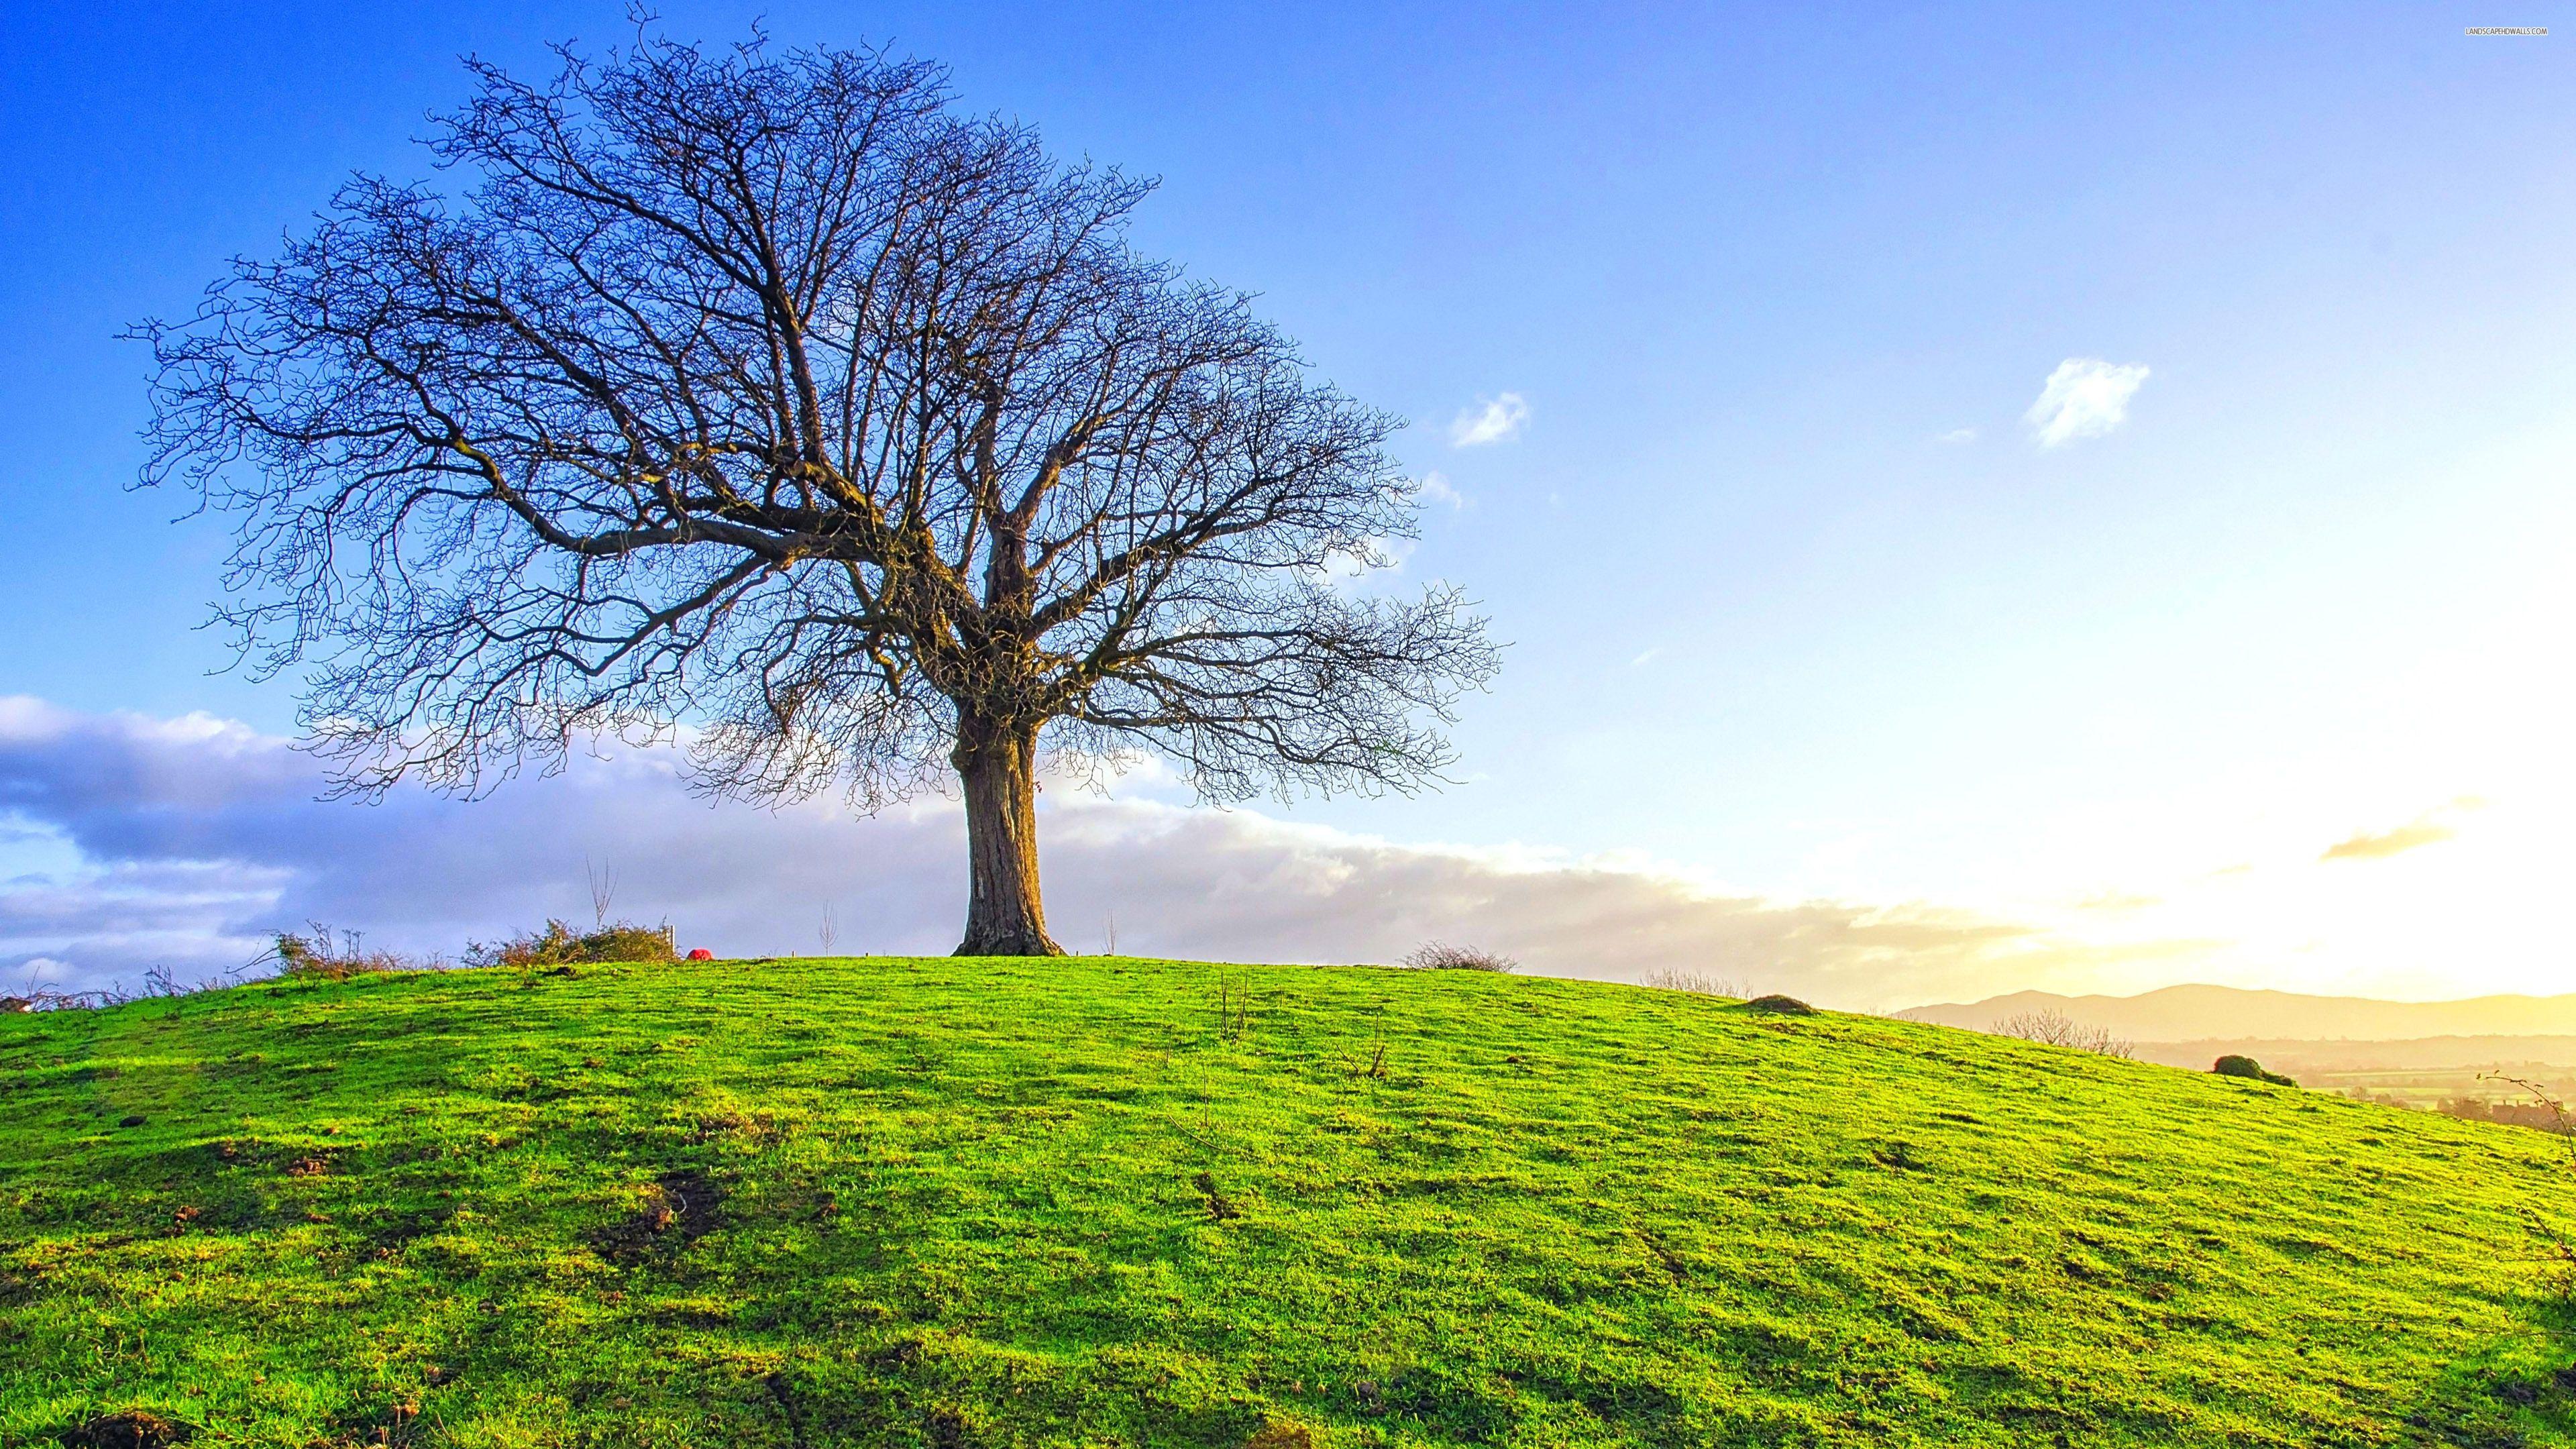 05 24 2016 Scripture Field Wallpaper Bare Tree Nature